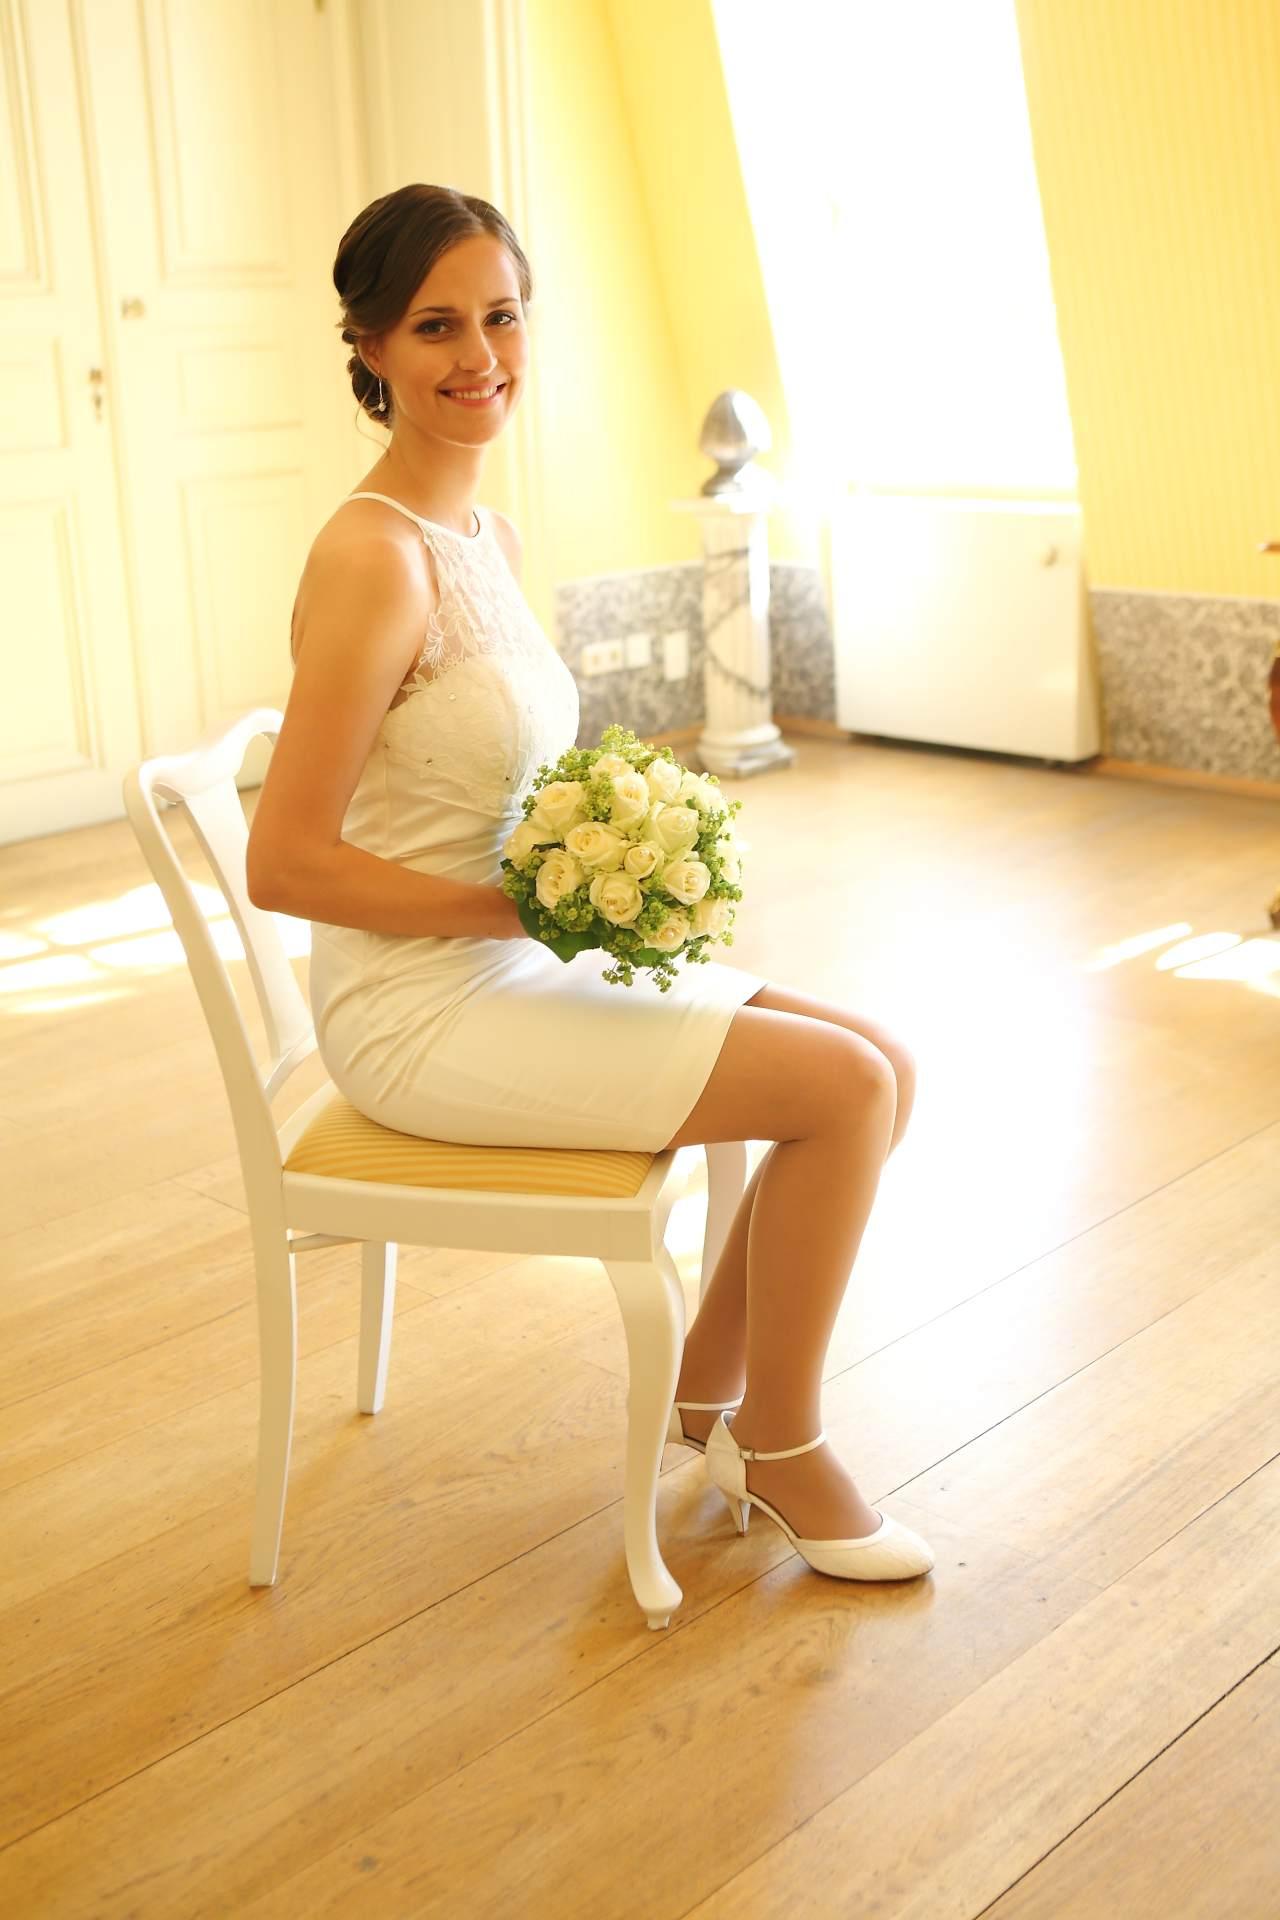 Hochzeitsfotos in Leipzig - Braut sitzend mit Blumenstrauß